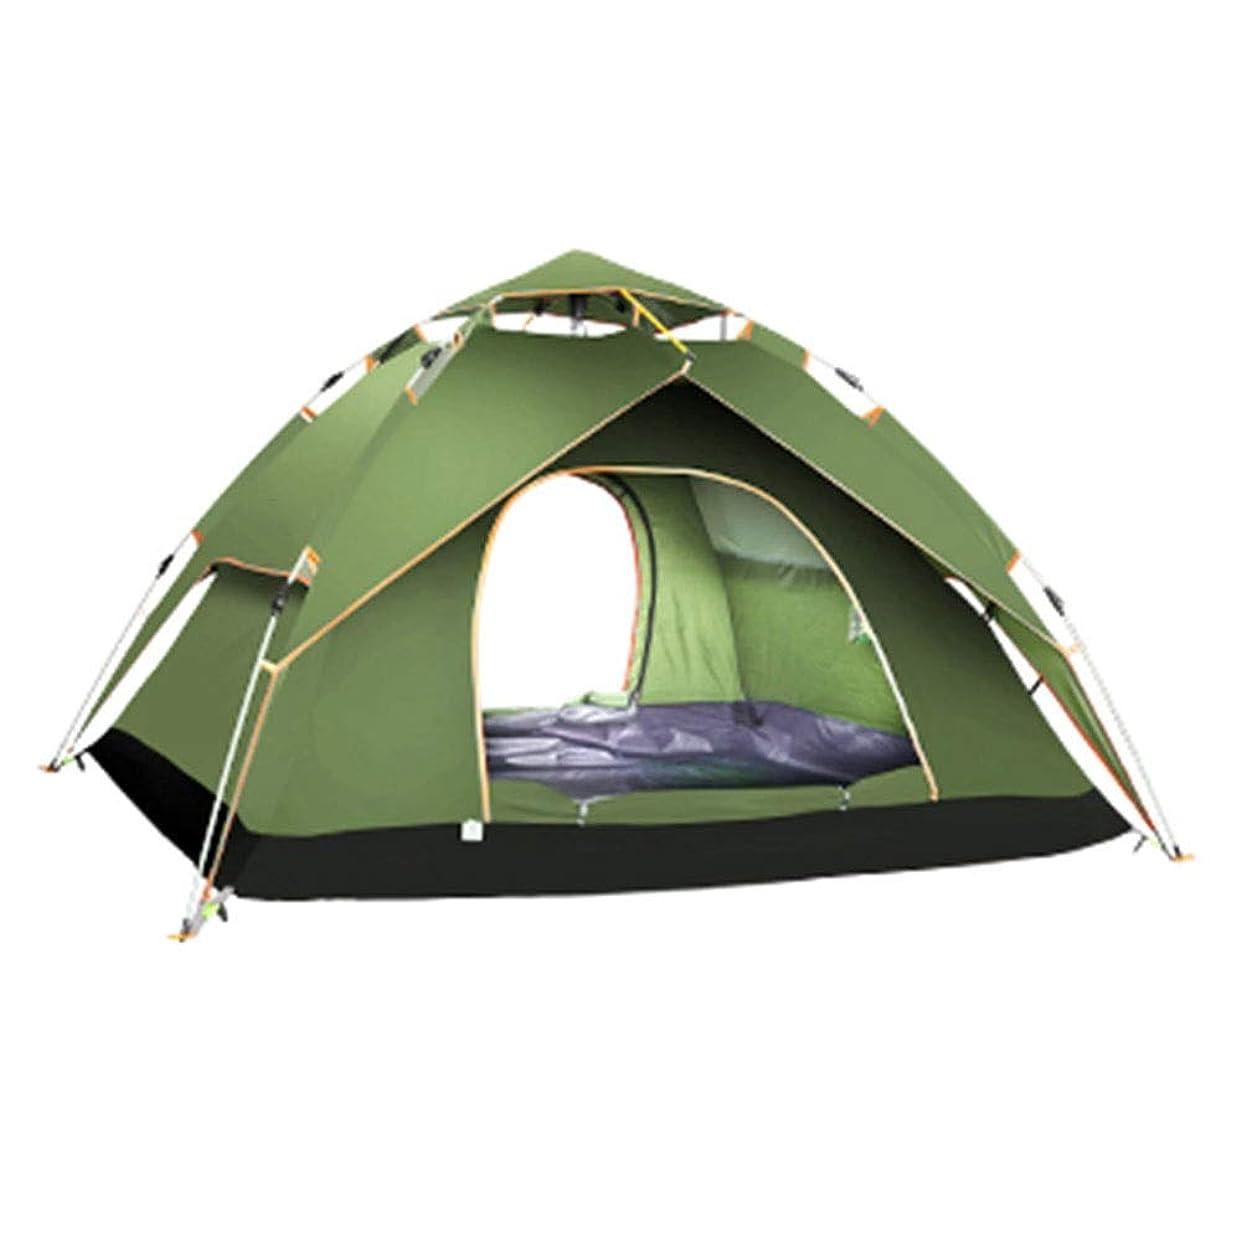 パンダインターネット尊敬するZR 二重層三連四季テント屋外3-4人全自動家庭用防雨肥厚キャンプテントキャンプグリーンブルーグレーグリーン (色 : ブロンズ)